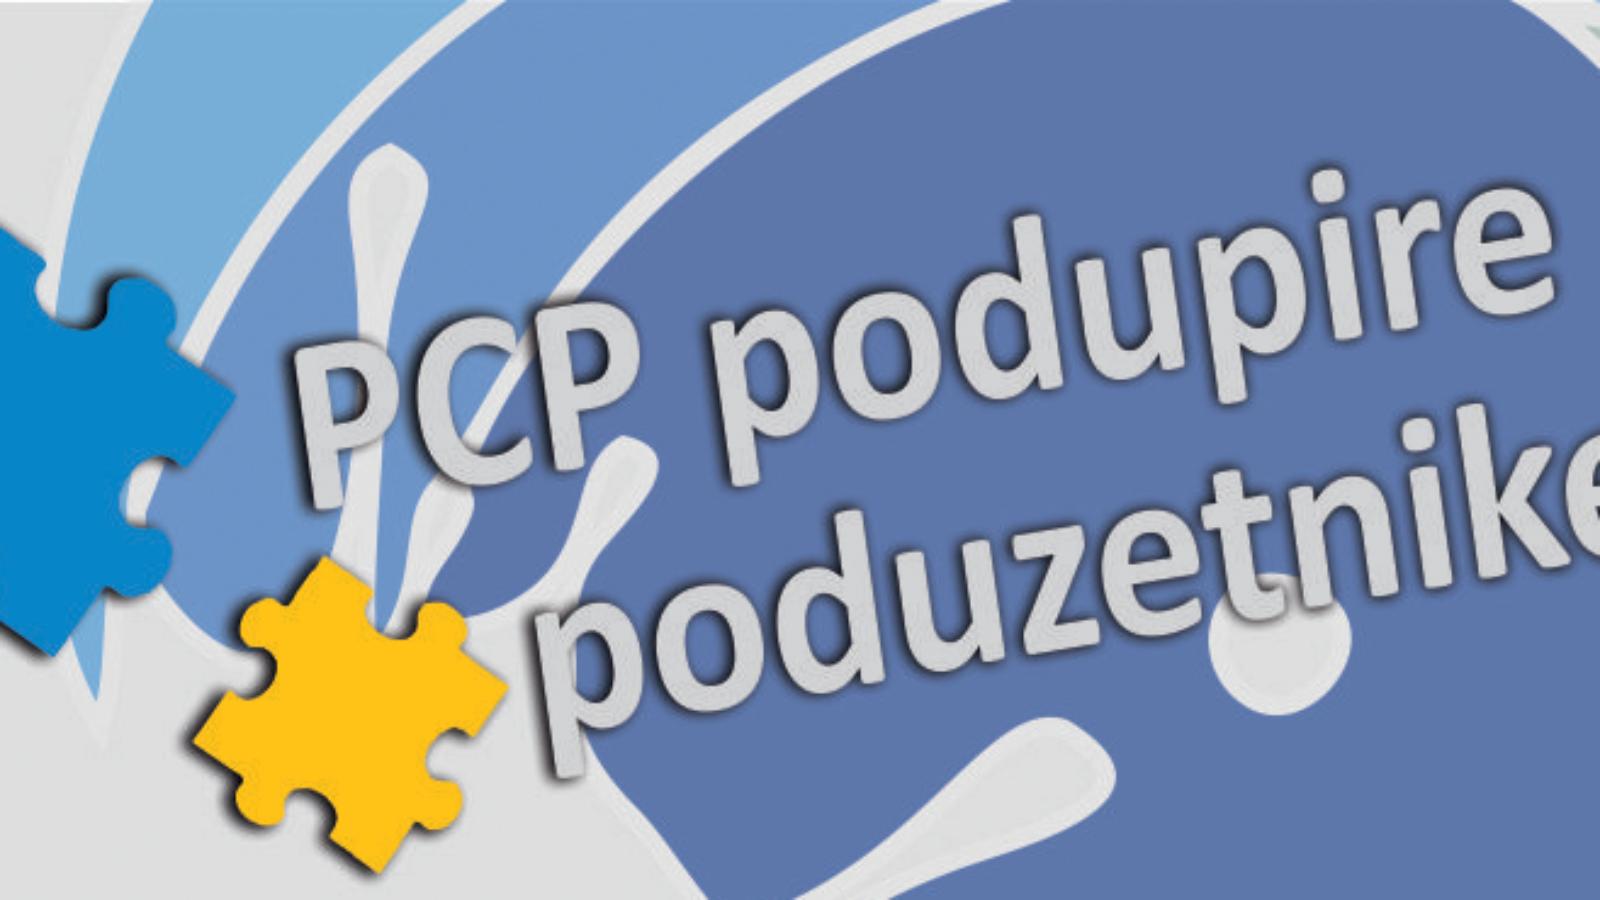 pcp-podupire-poduzetnike